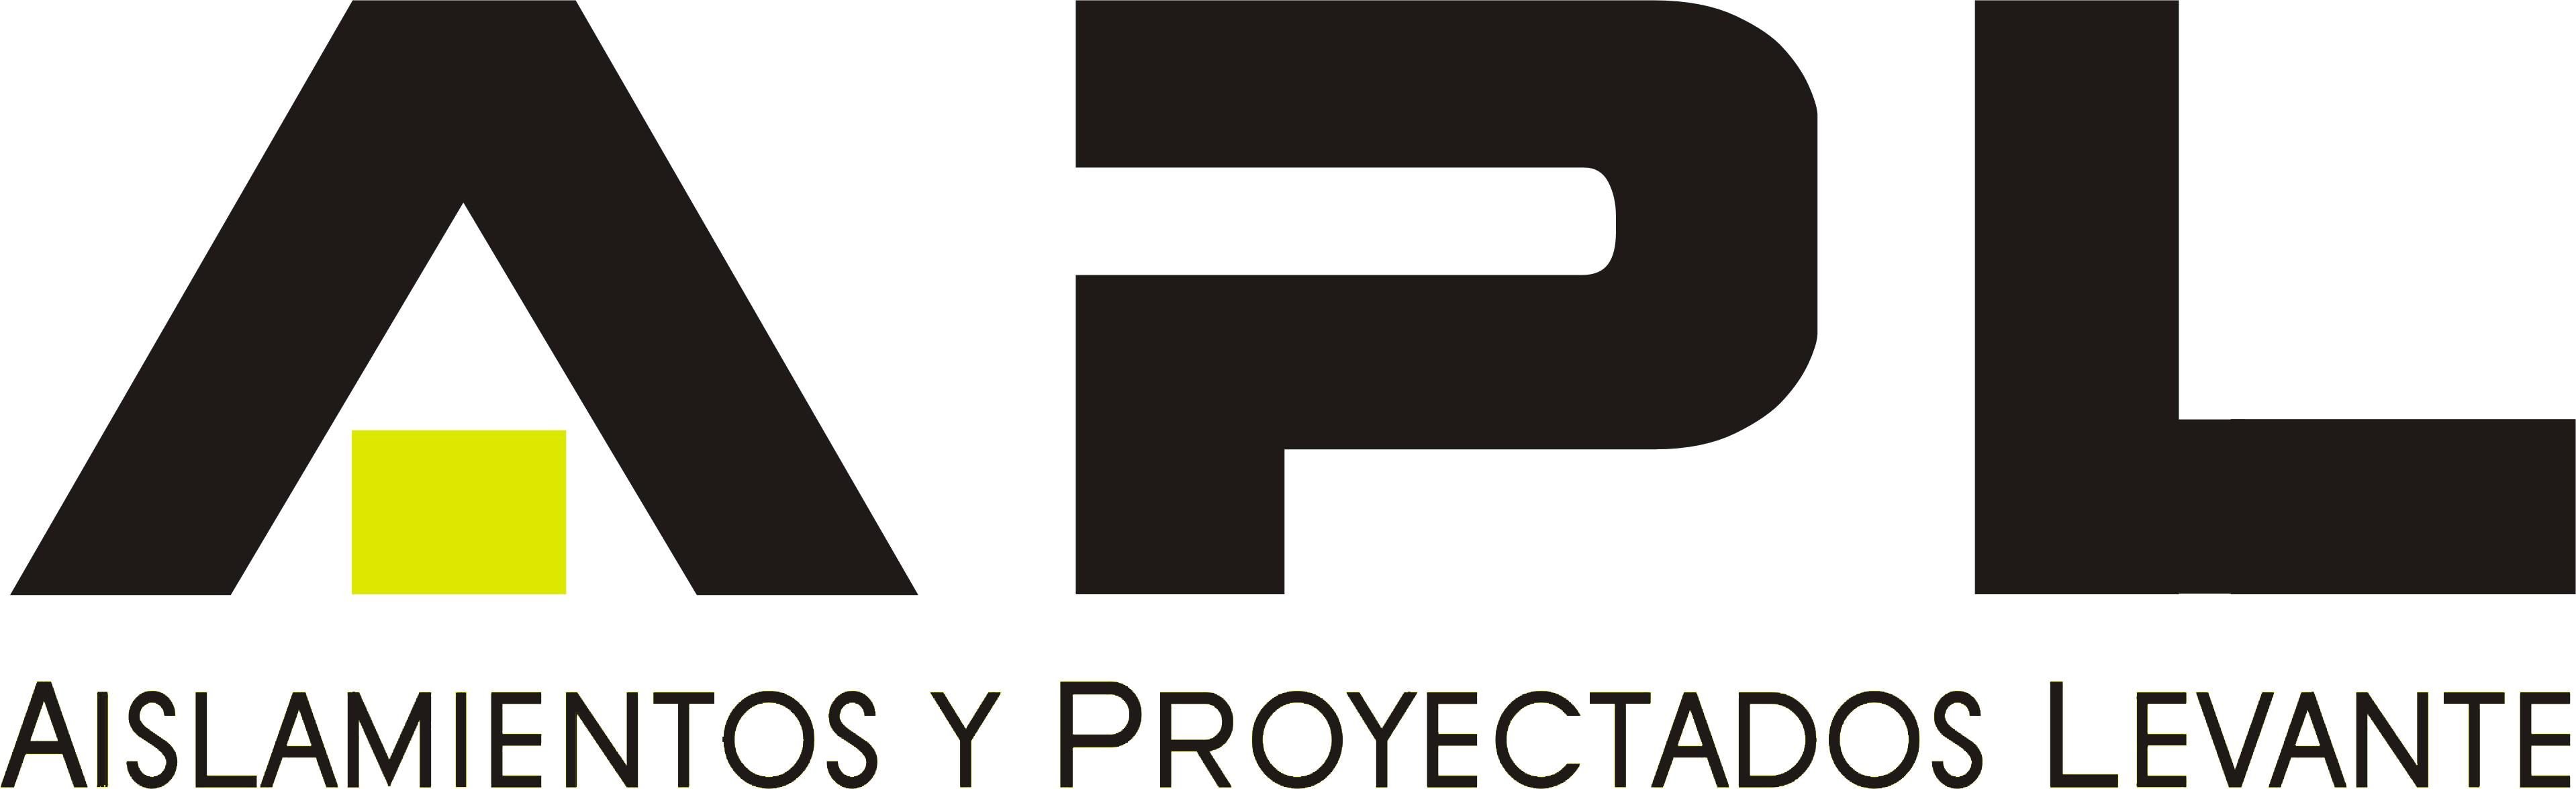 Impermeabilizacion poliurea especialistas, APL Aislamientos y Proyectados Levante